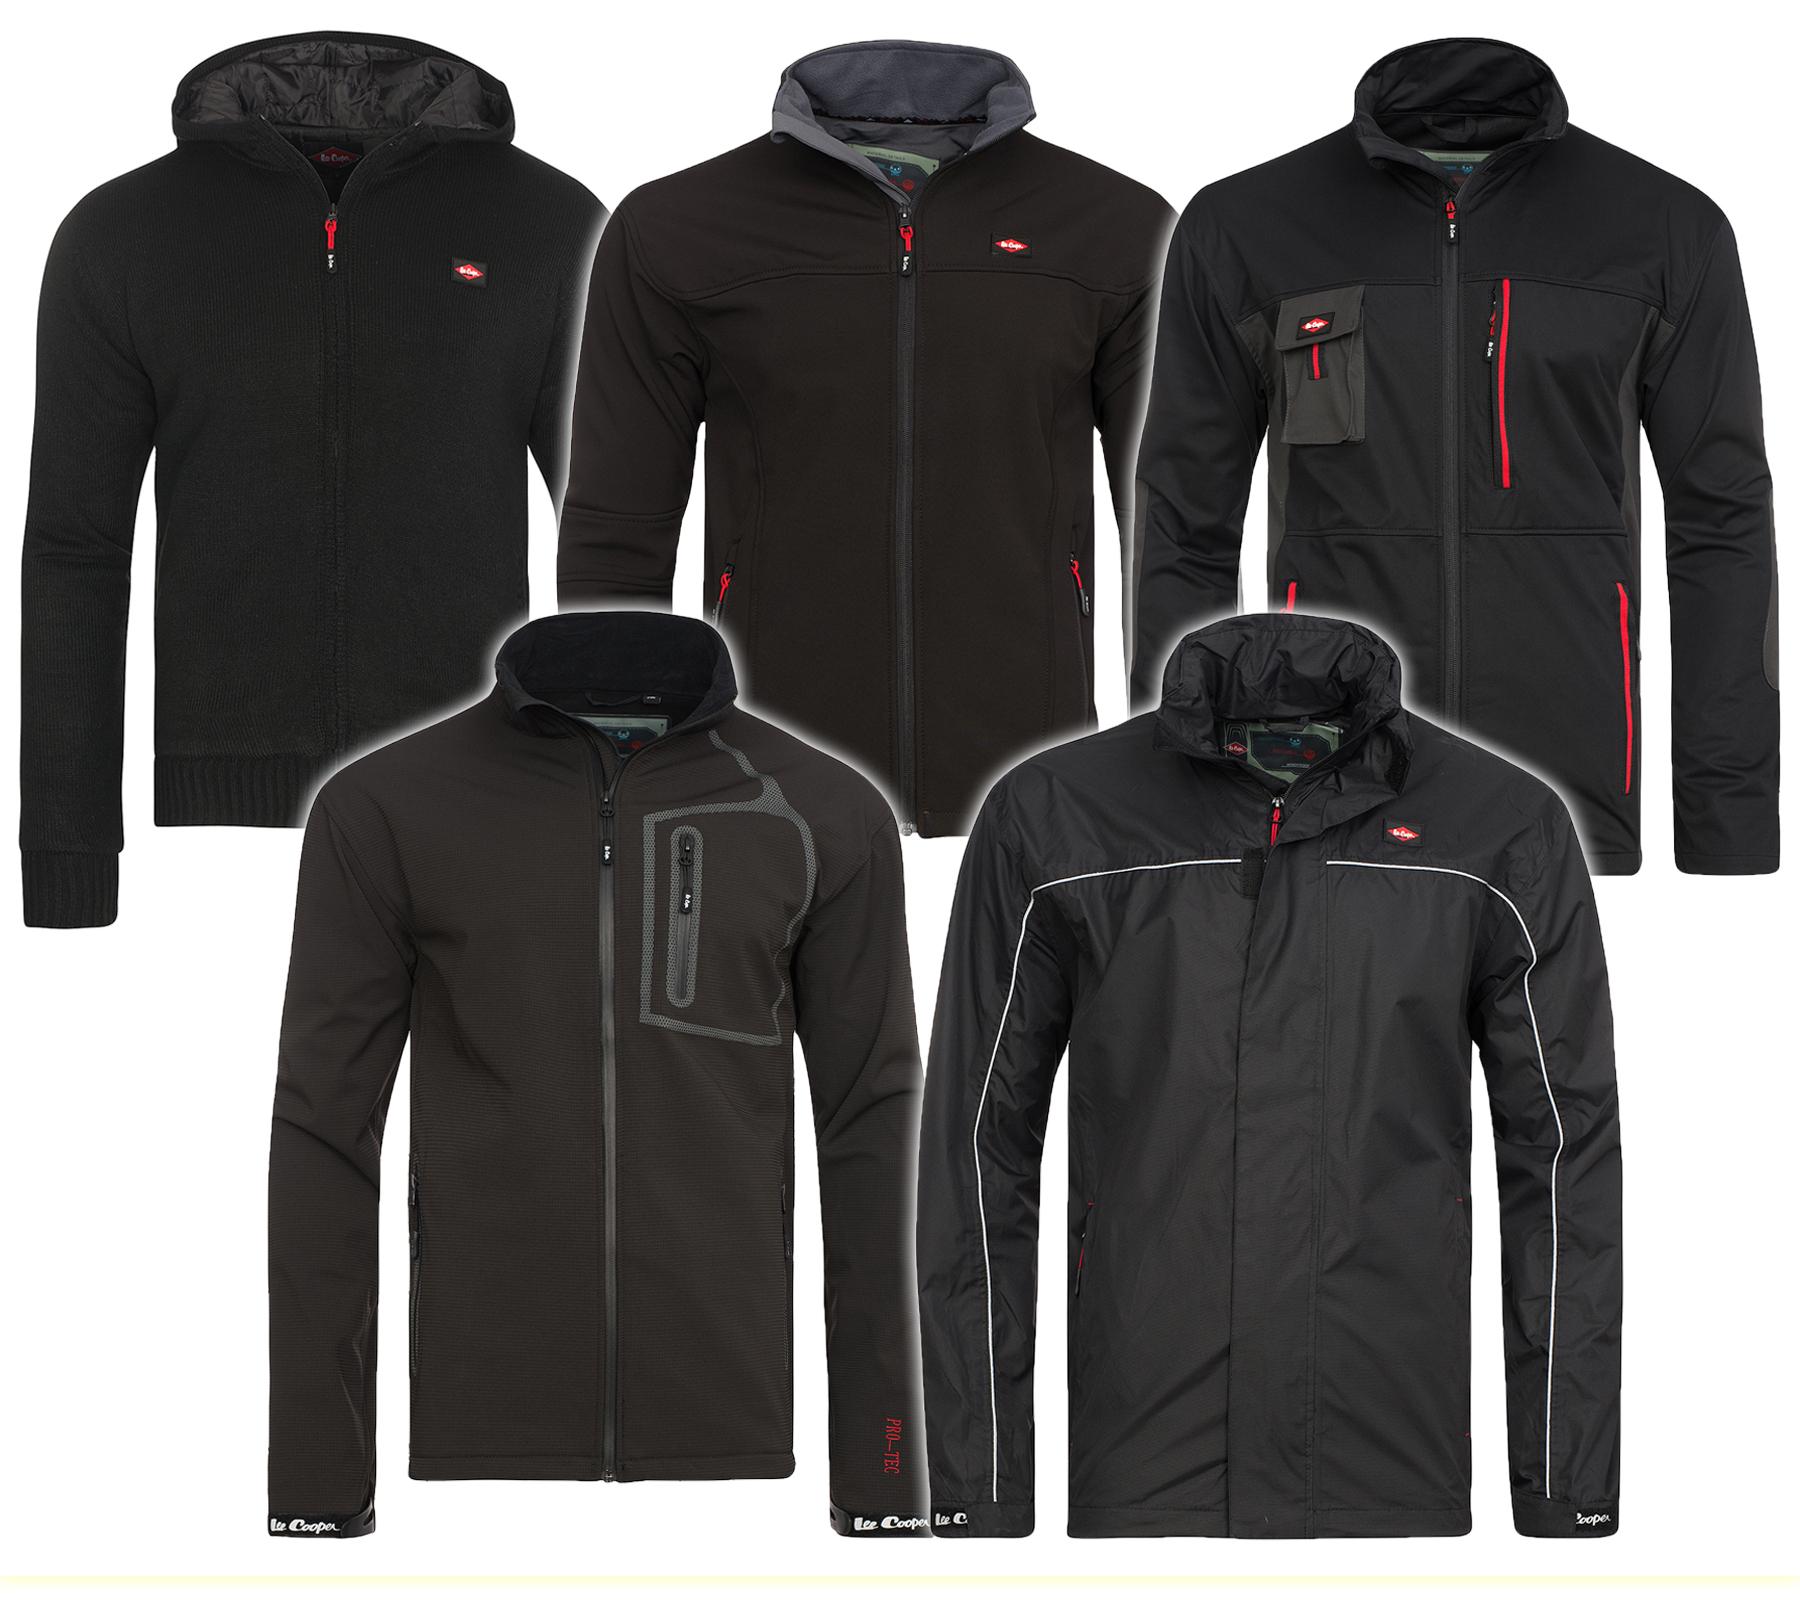 Lee Cooper Performance Workwear Herren-Softshelljacken in 5 Modellen @outlet46